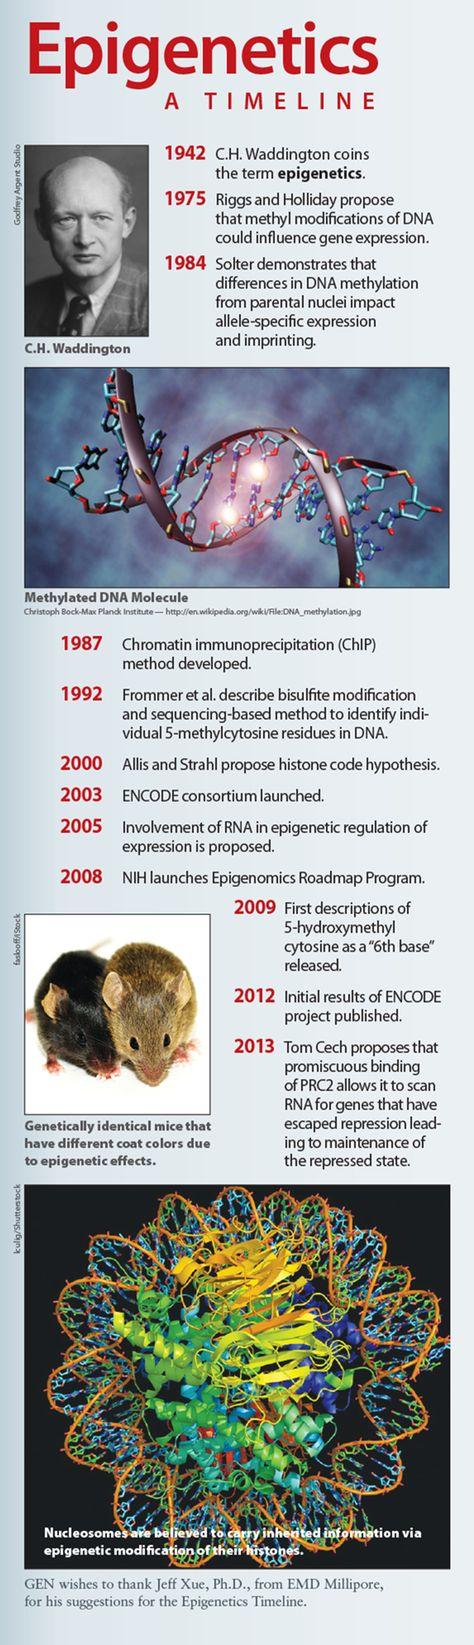 Understanding of Epigenetics Deepens